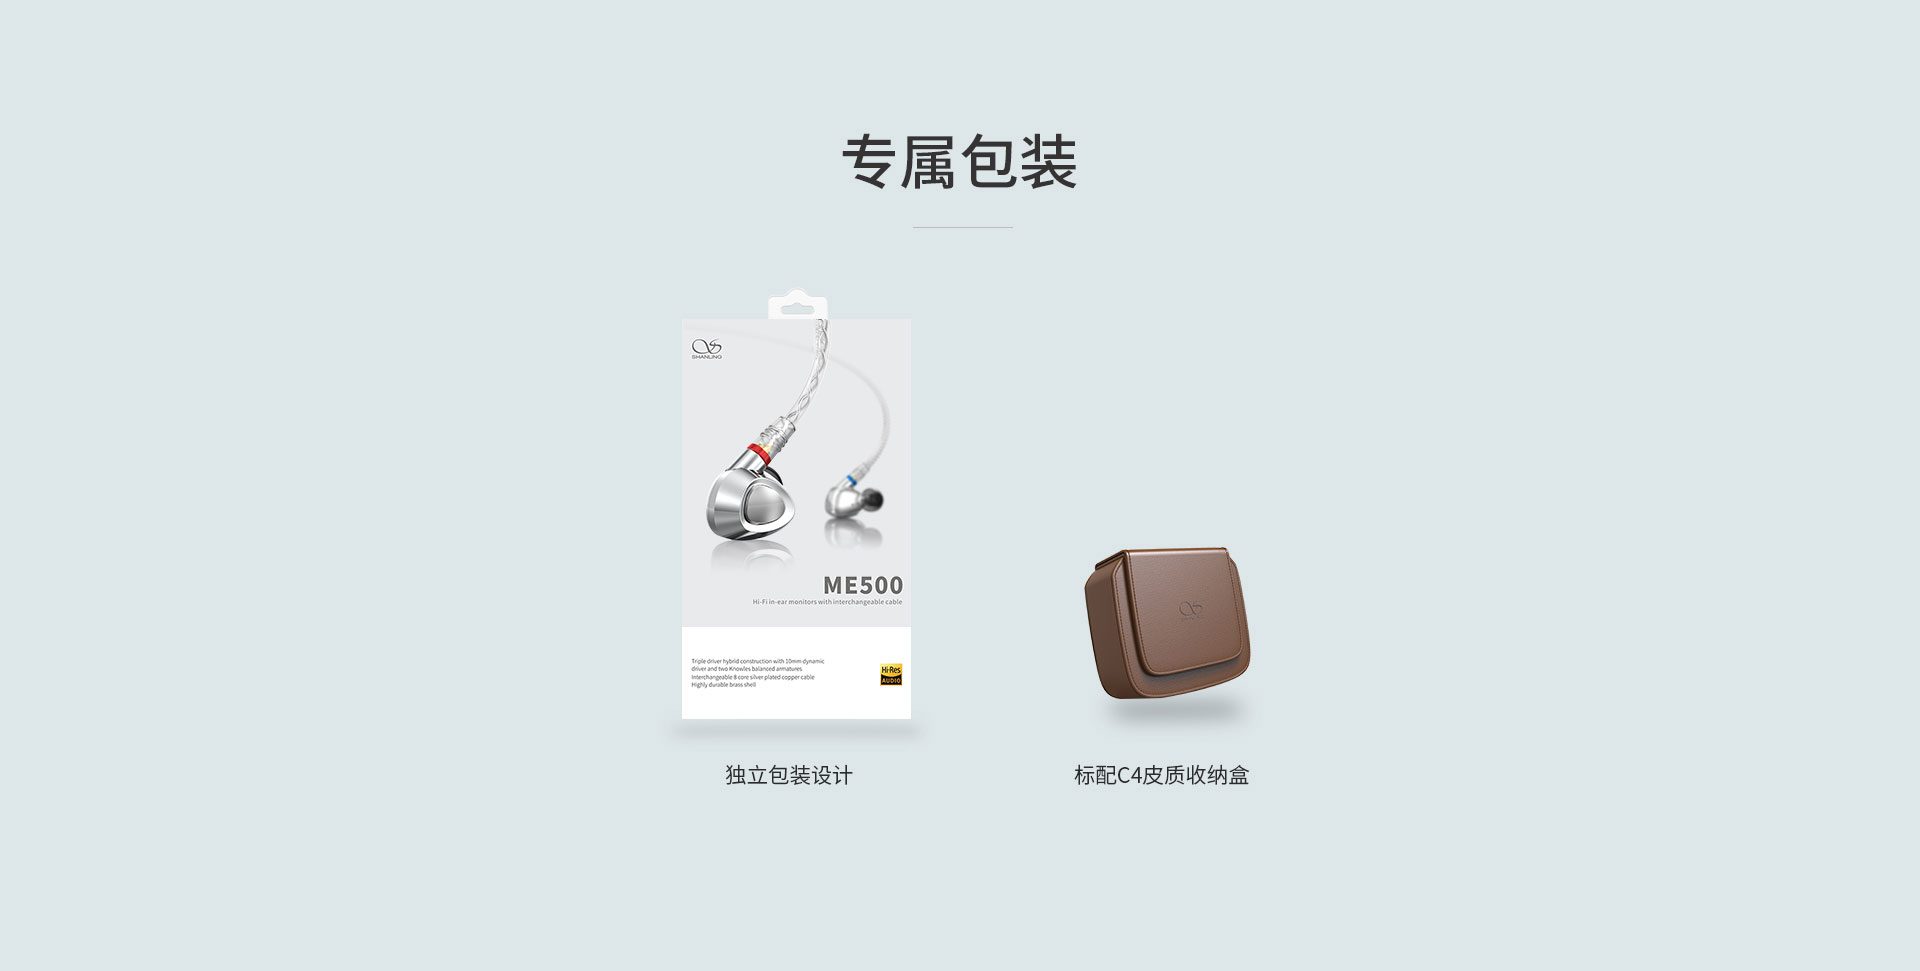 ME500白金版详情---官网_06.jpg